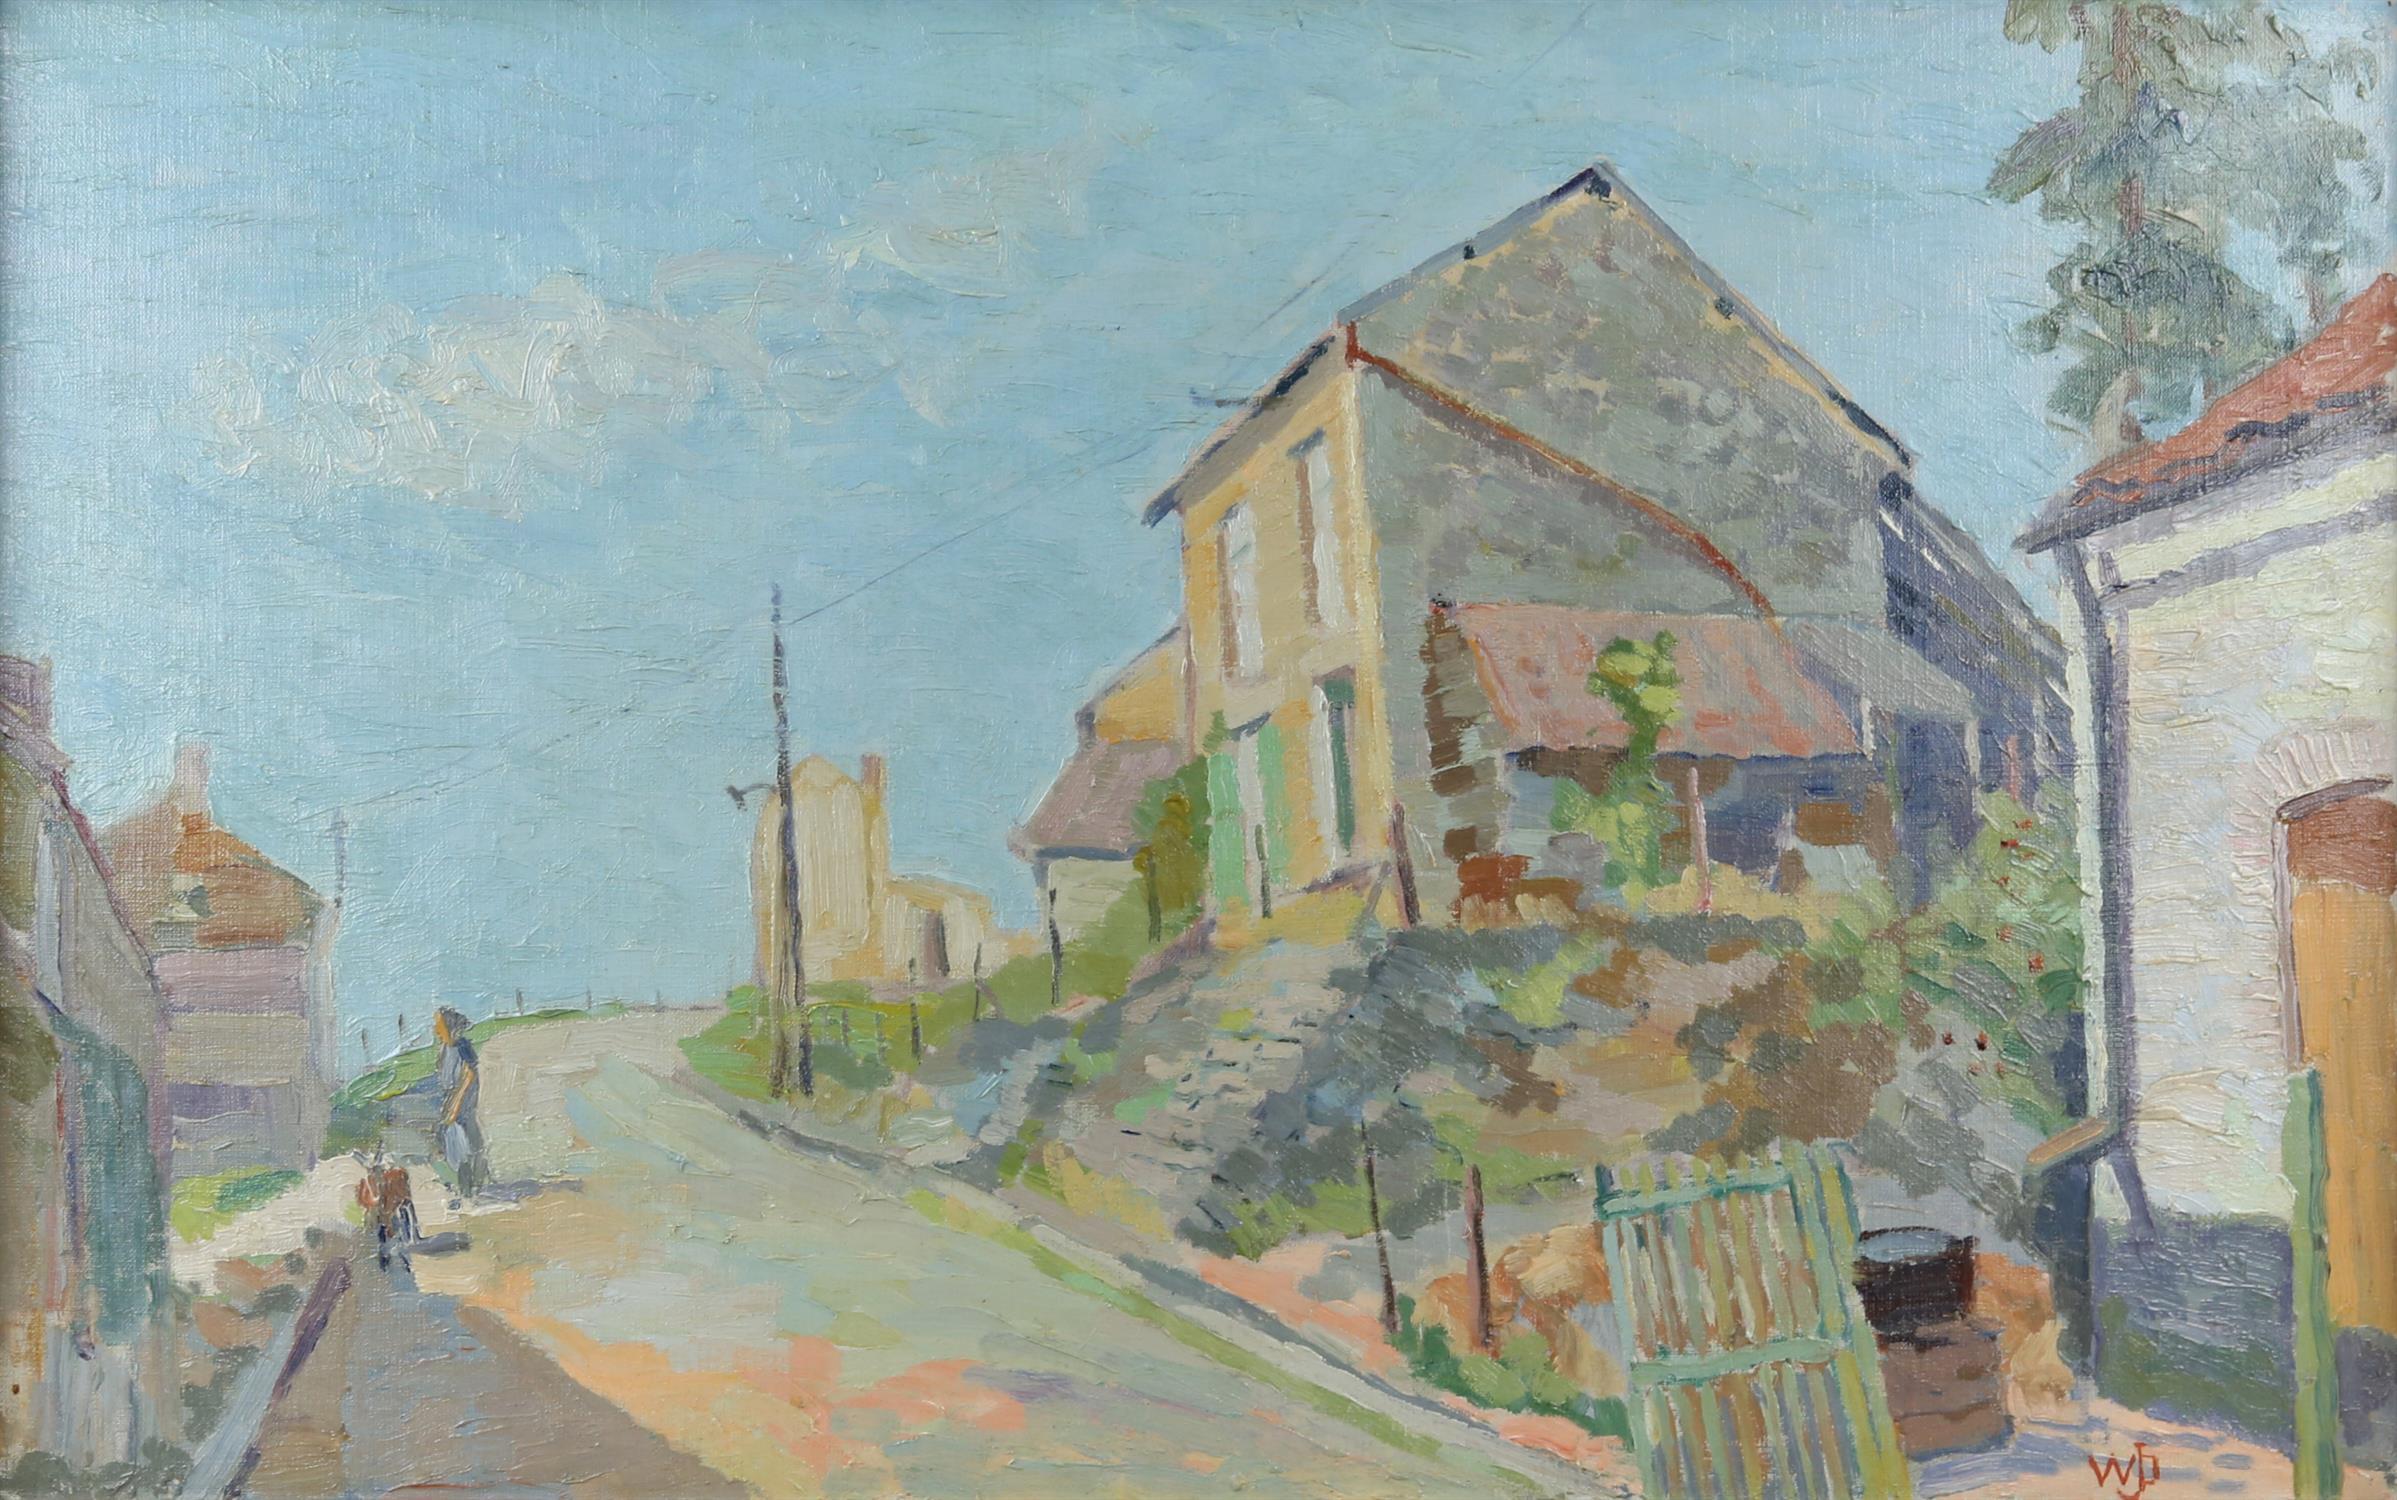 Willem Jans Dijk, Dutch 1881-1970, 'Waulsort, Belgium', street scene with houses, monogrammed,